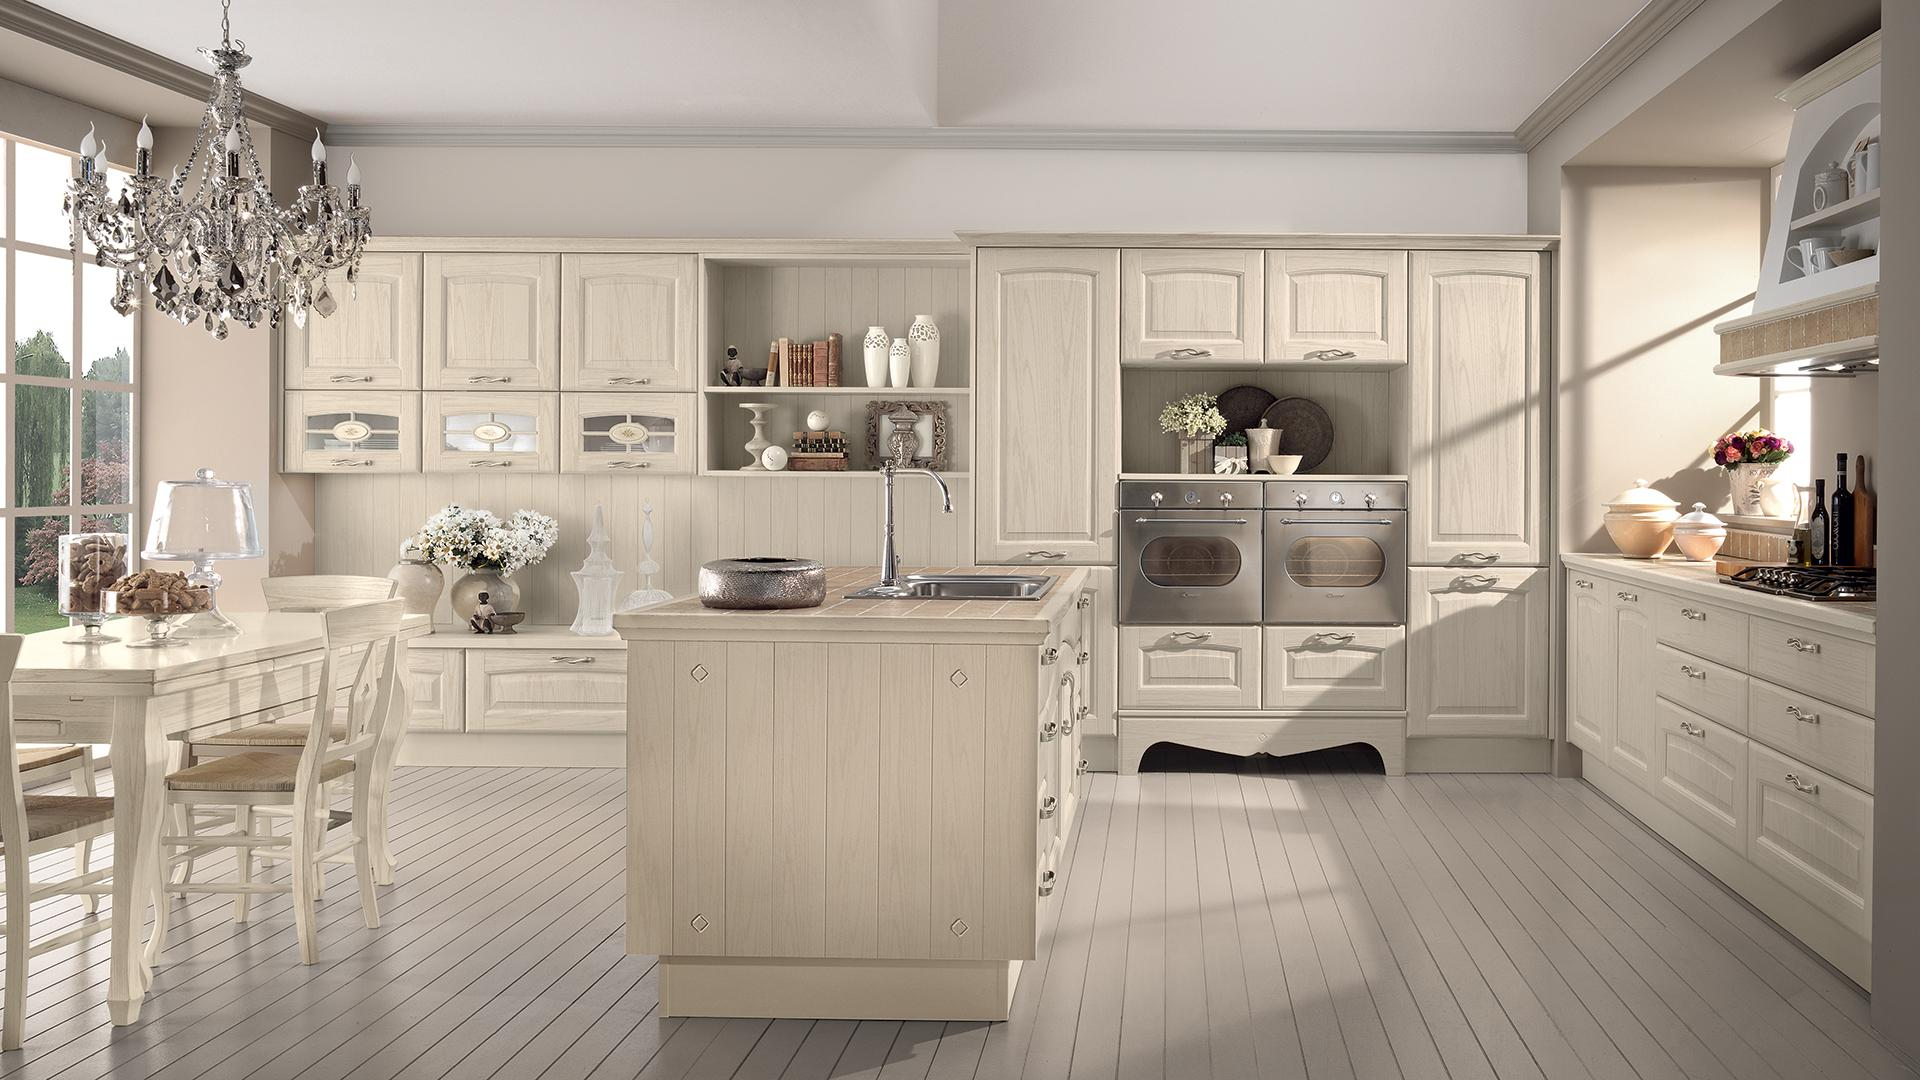 Cucina rustica le soluzioni classiche di lube store per - Mobili rustici per cucina ...